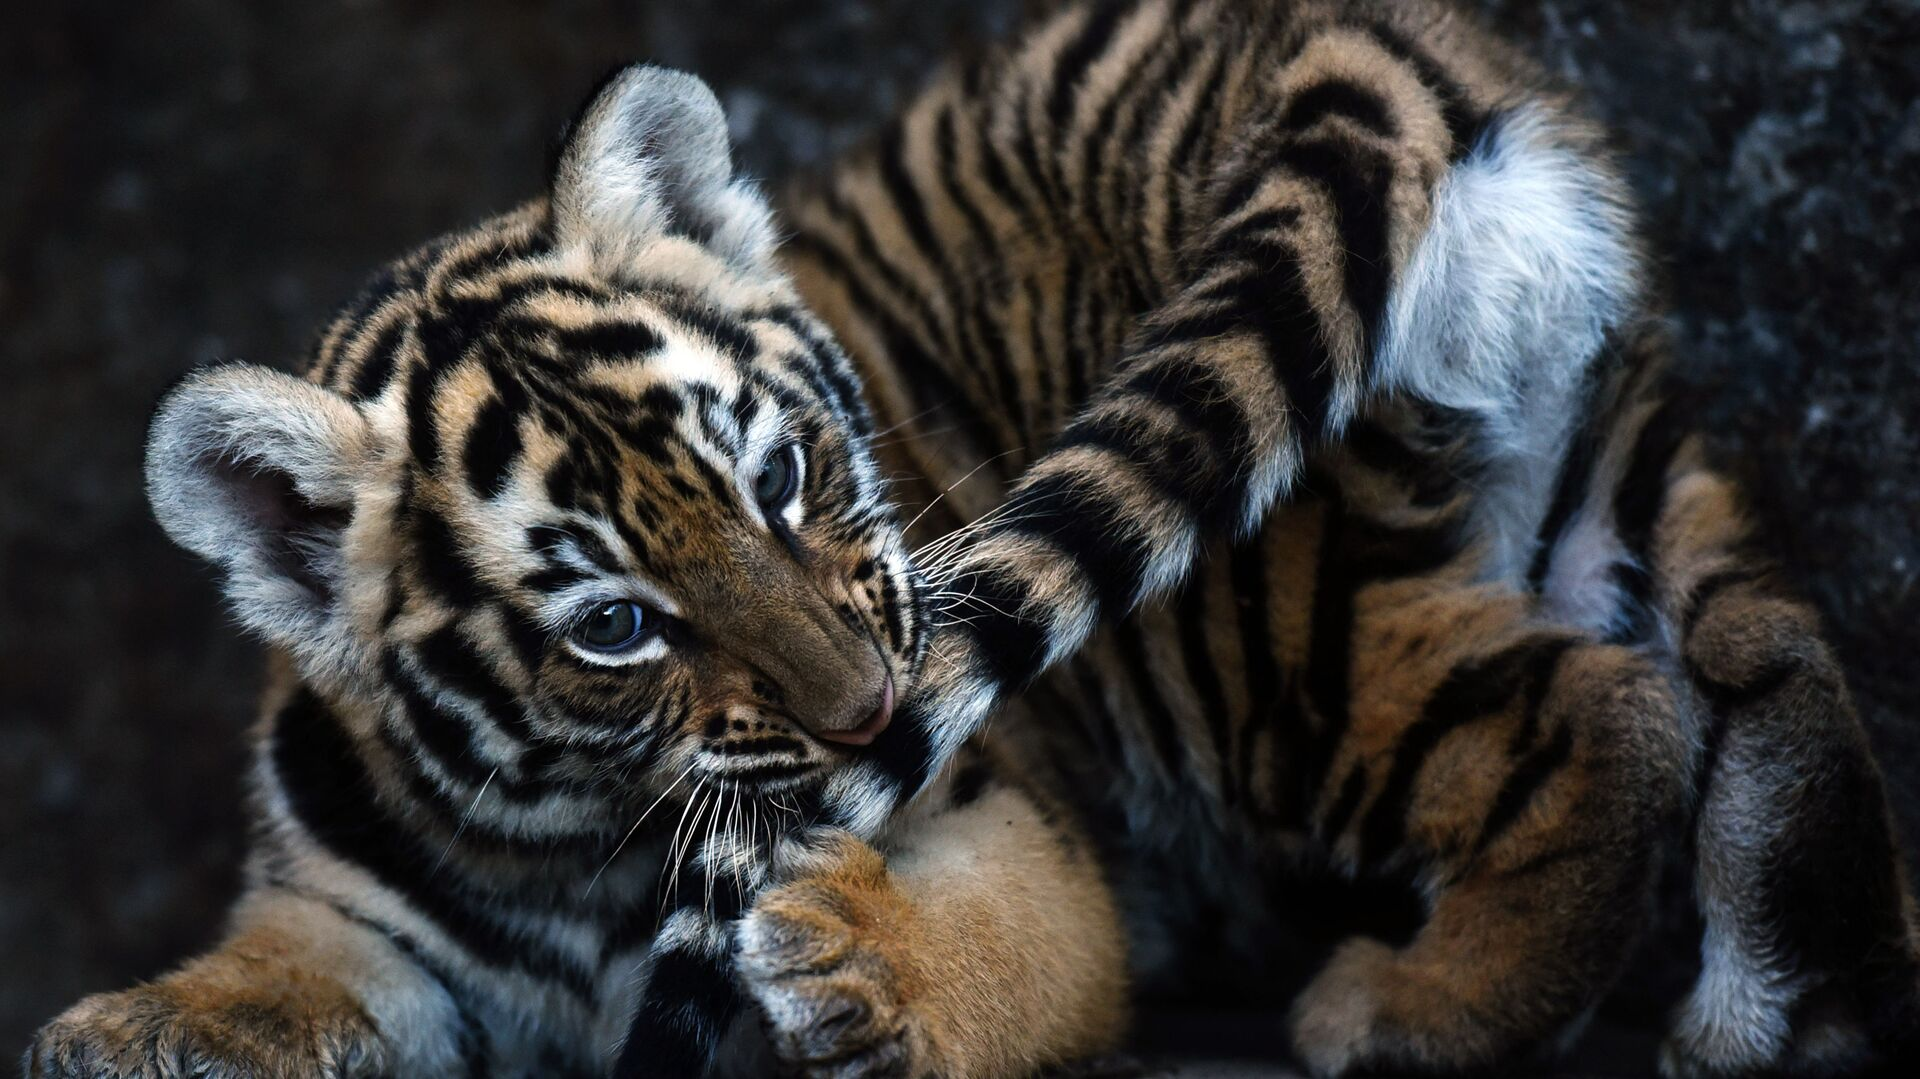 Il cucciolo di tigre del Bengala. - Sputnik Italia, 1920, 01.06.2021